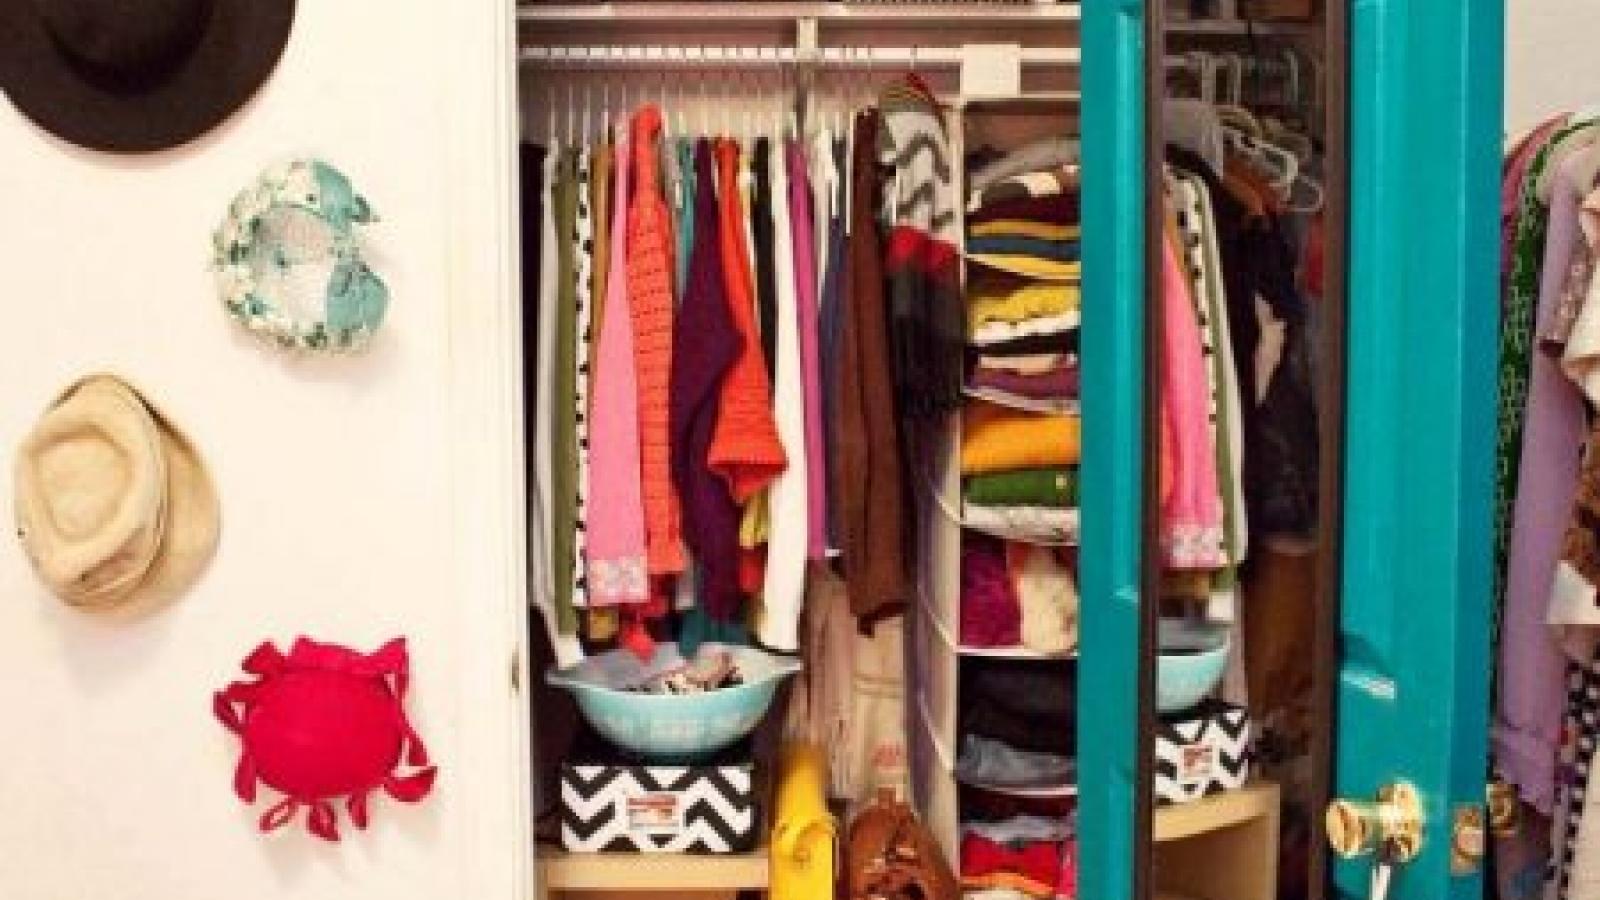 Mẹo nhỏ để sắp xếp một tủ quần áo ngăn nắp